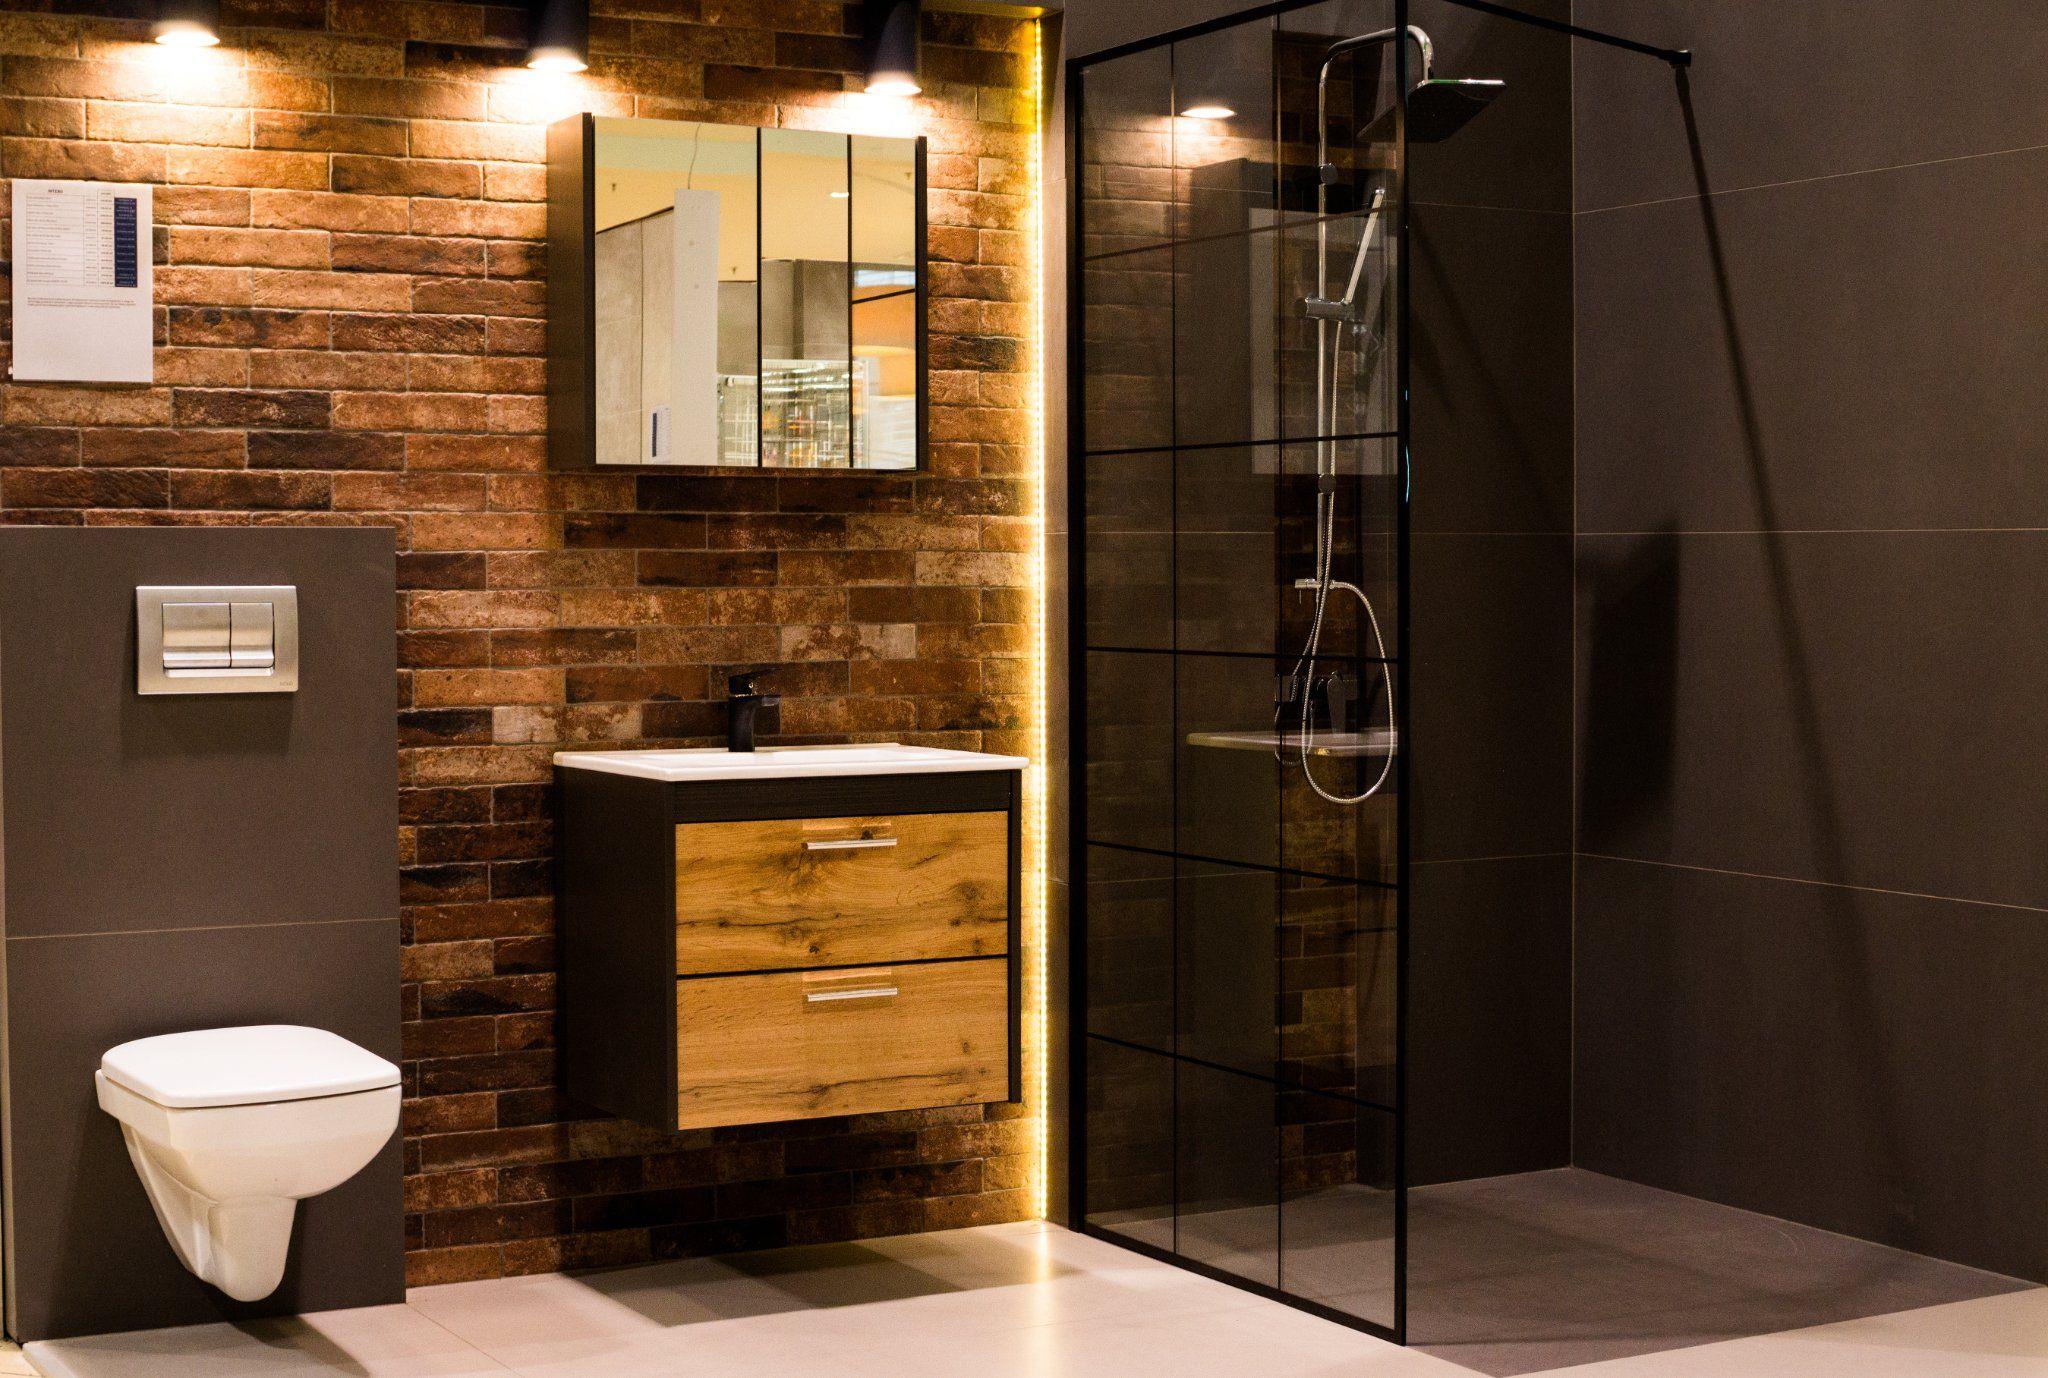 salle de bains quel revetement choisir